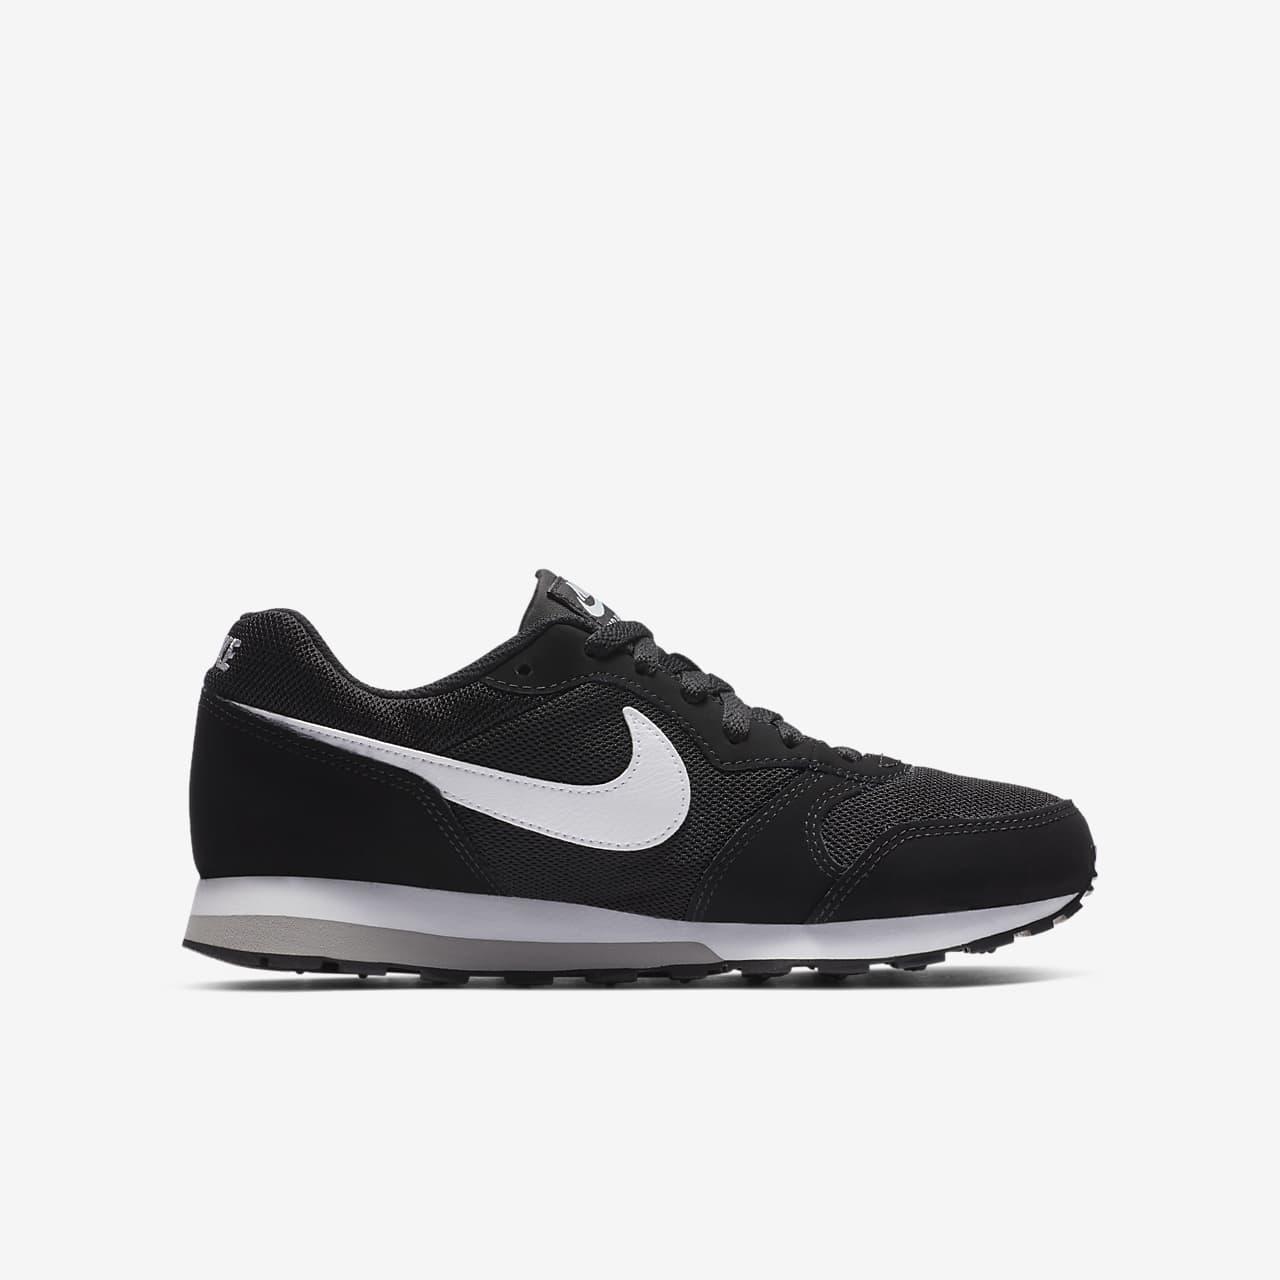 Neu NIKE SPORTSWEAR Damen Schuhe Md Runner 2 Se Sneakers Low